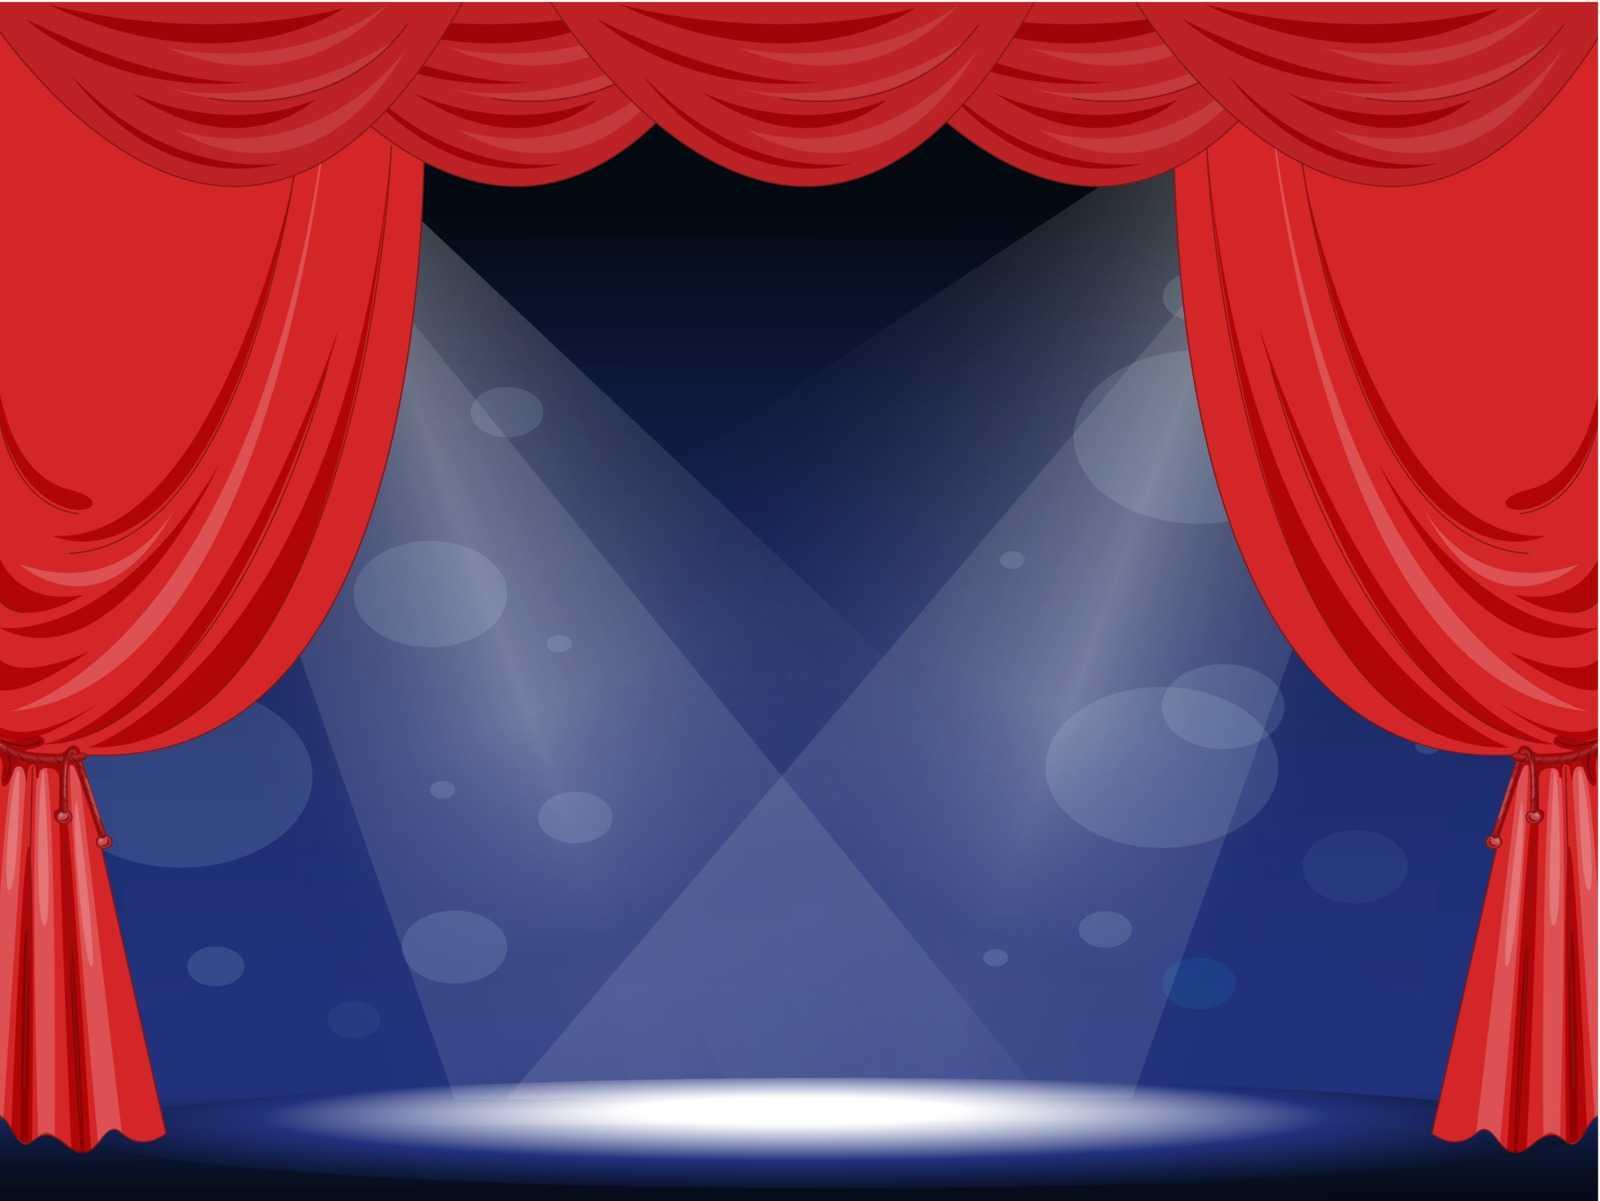 הצגות ילדים 2021 - כרטיסים לכל הצגות הילדים המומלצות של ישראל!